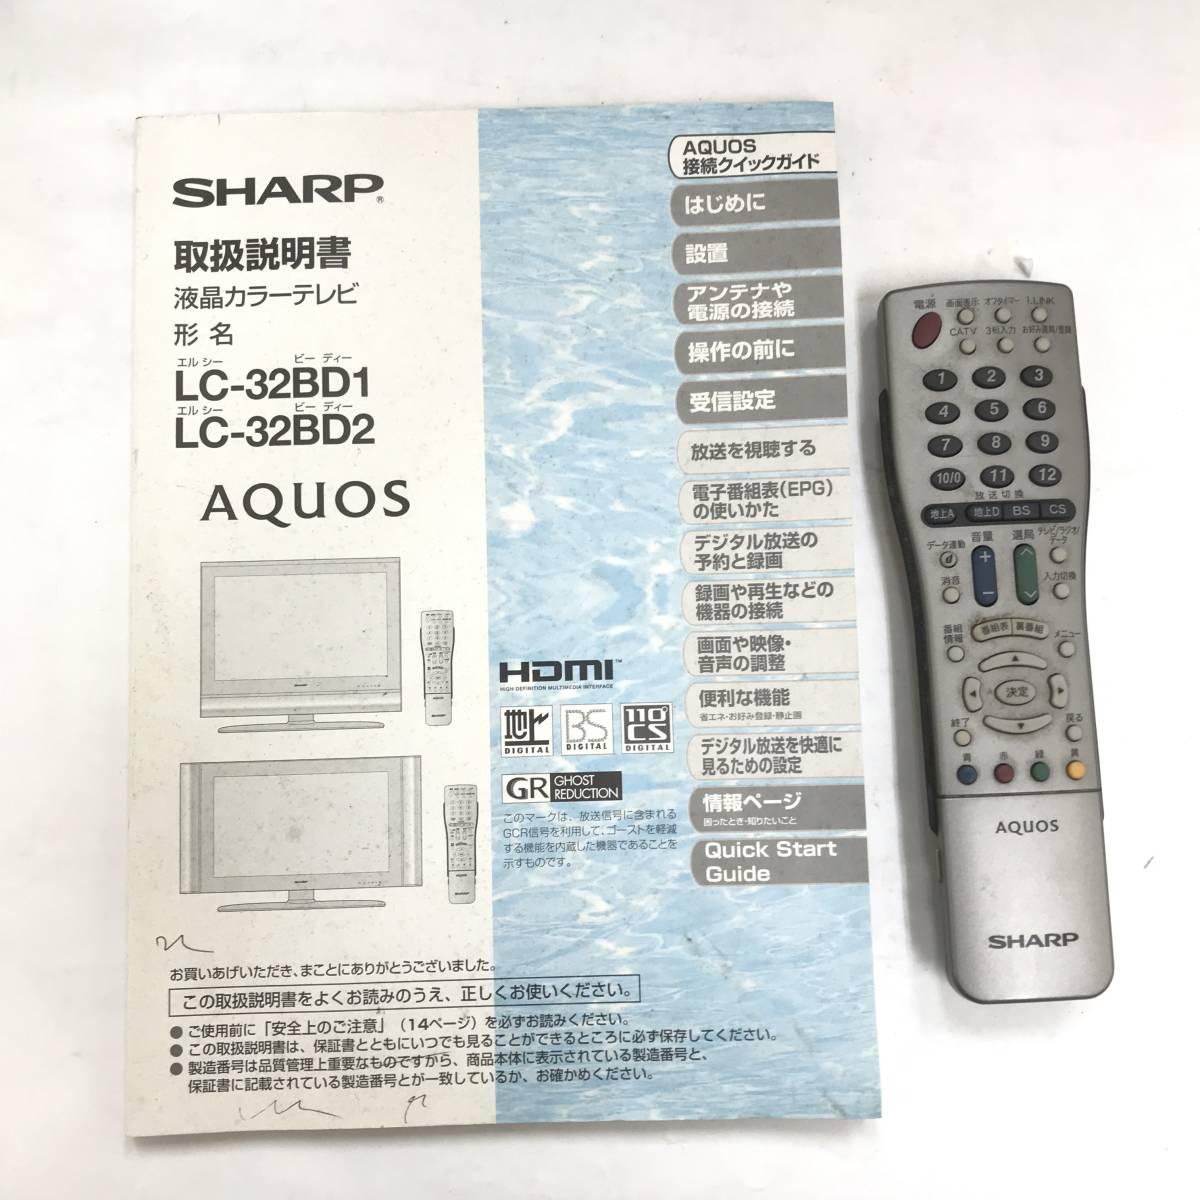 ■ SHARP シャープ 32インチ AQUOS 液晶テレビ 2006年製 LC-32BD2 アクオス リモコン 取説付き 動作品_画像7